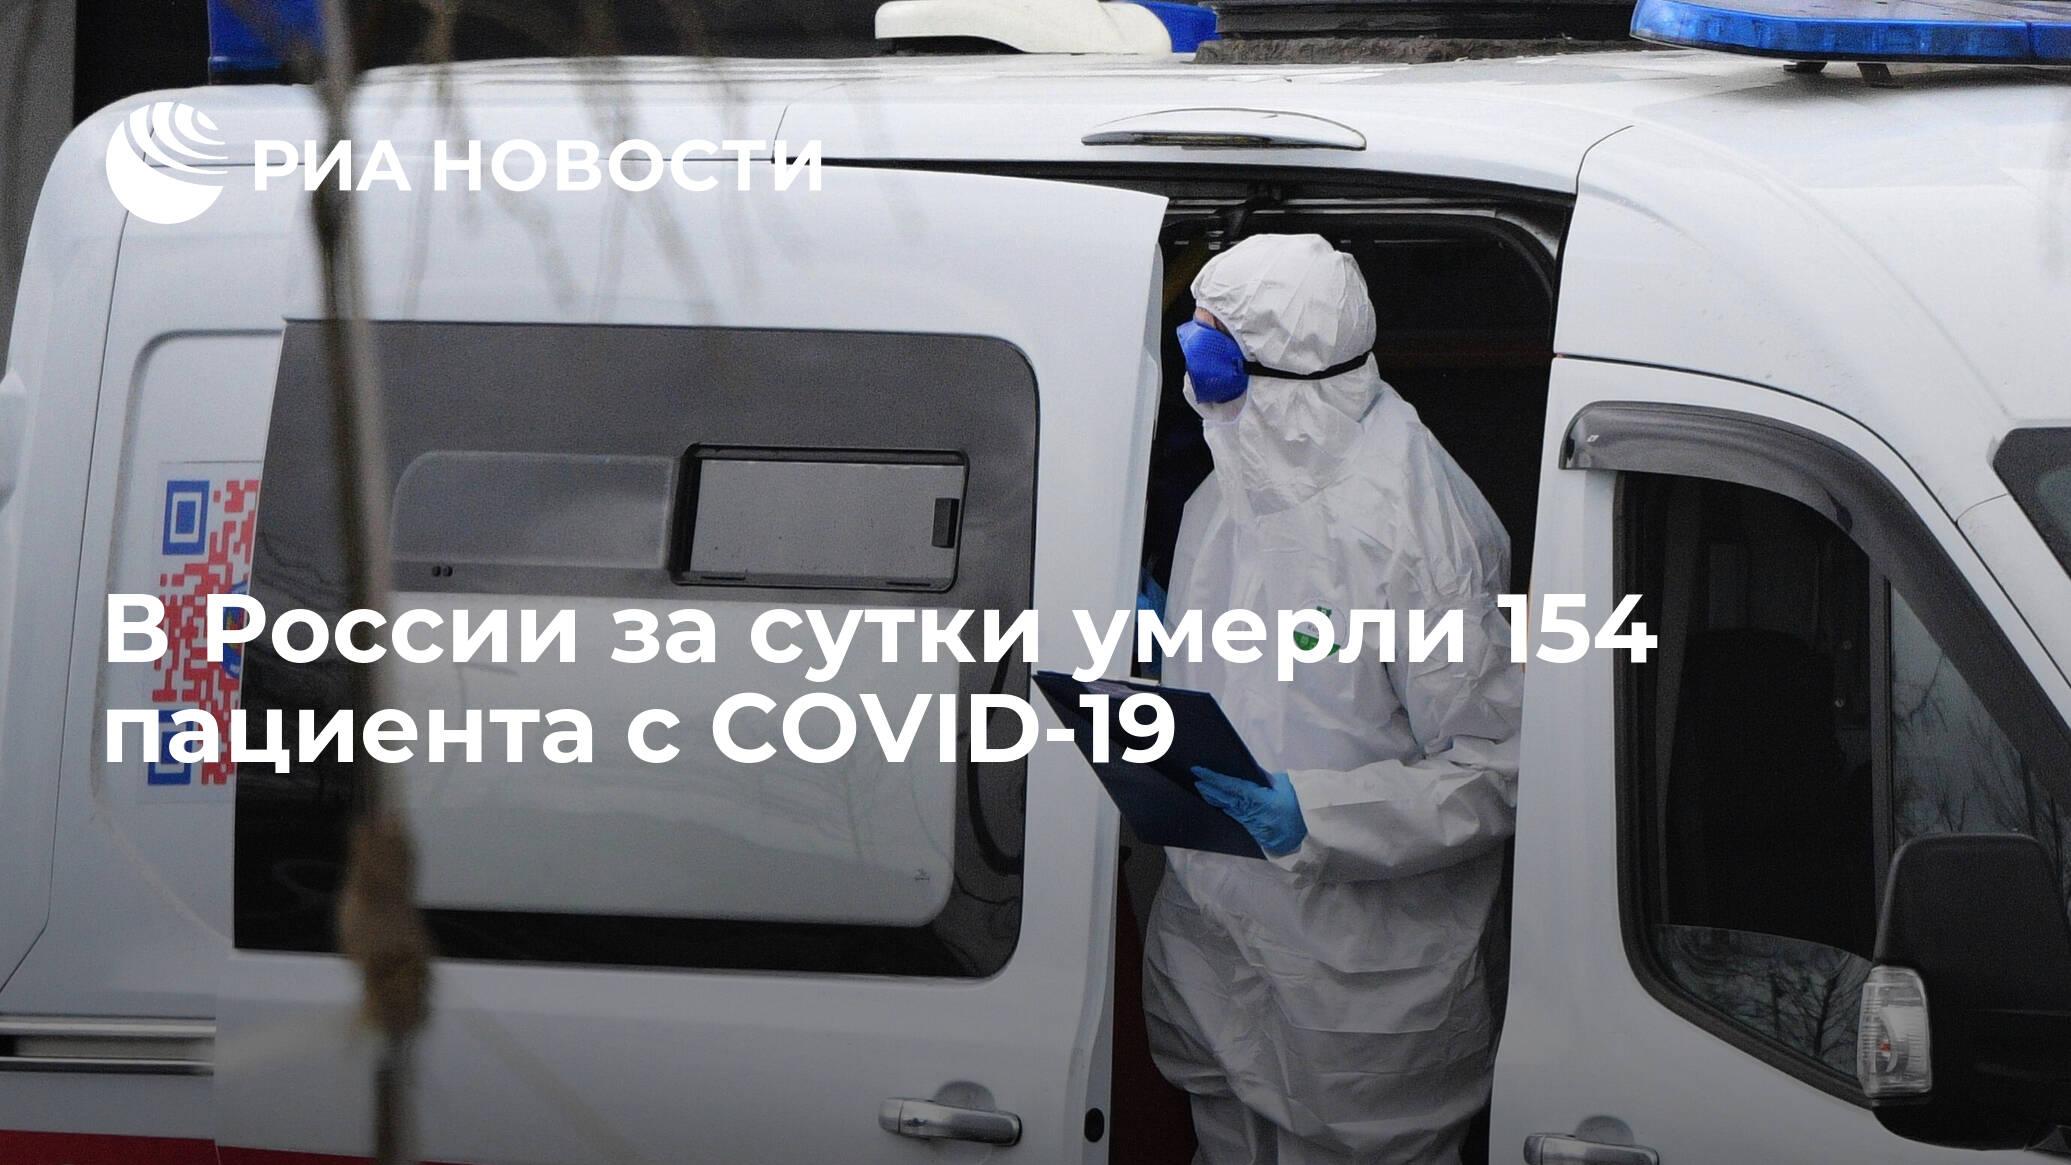 В России за сутки умерли 154 пациента с COVID-19